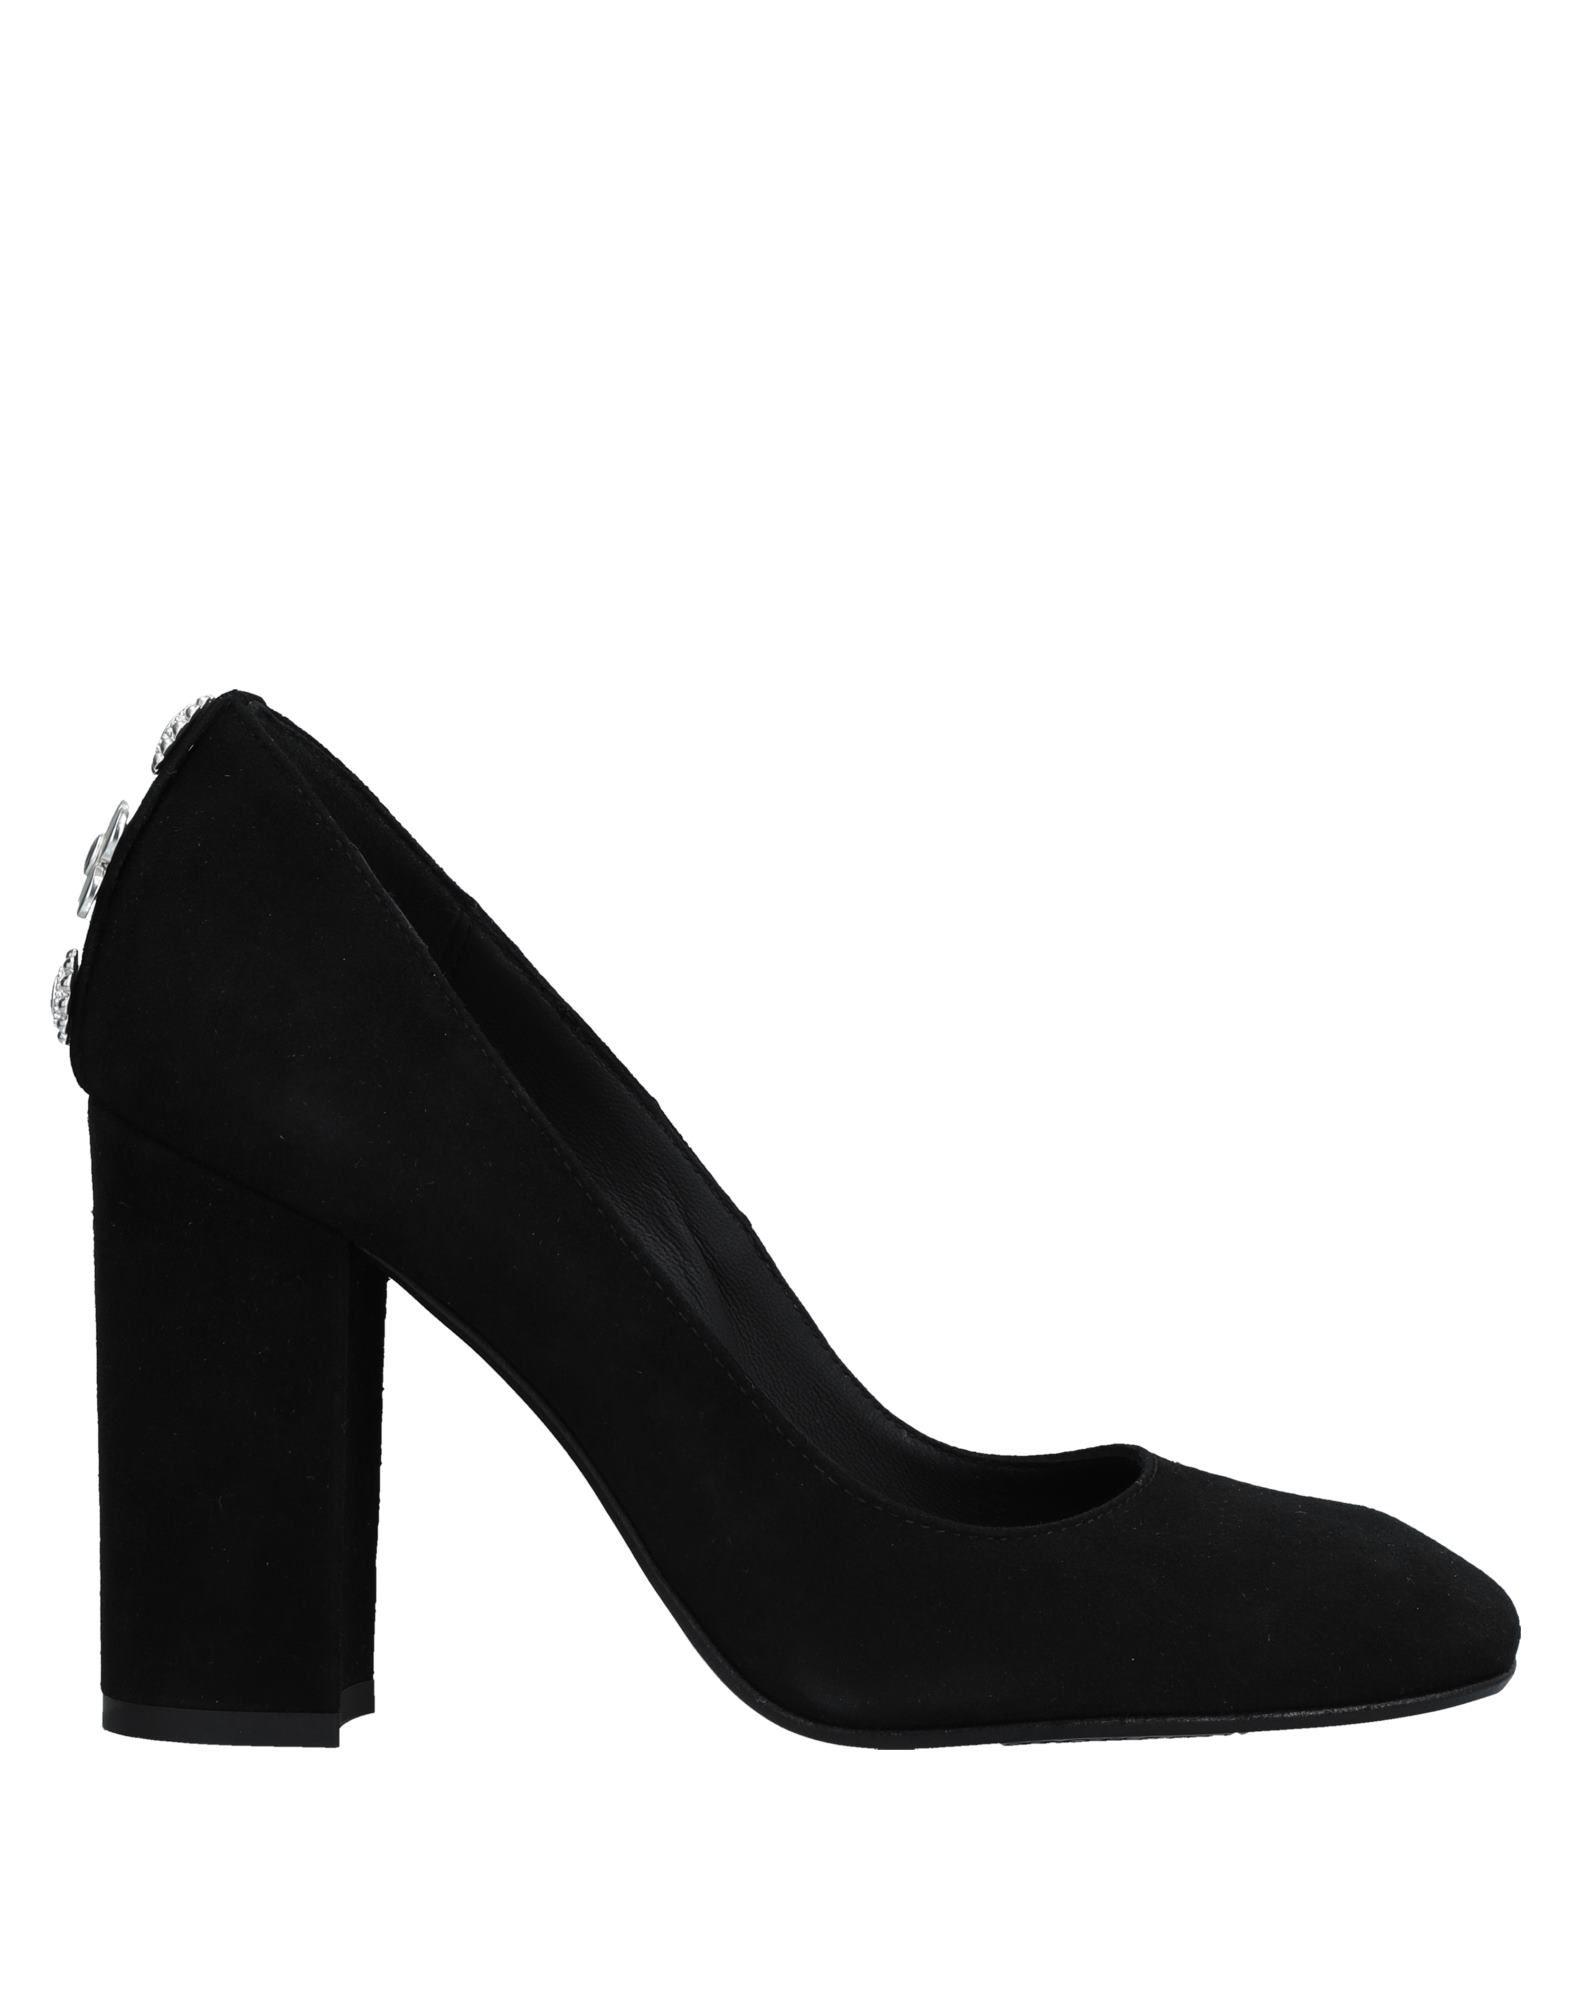 Giancarlo Paoli Pumps Damen beliebte  11532673EH Gute Qualität beliebte Damen Schuhe 969d72